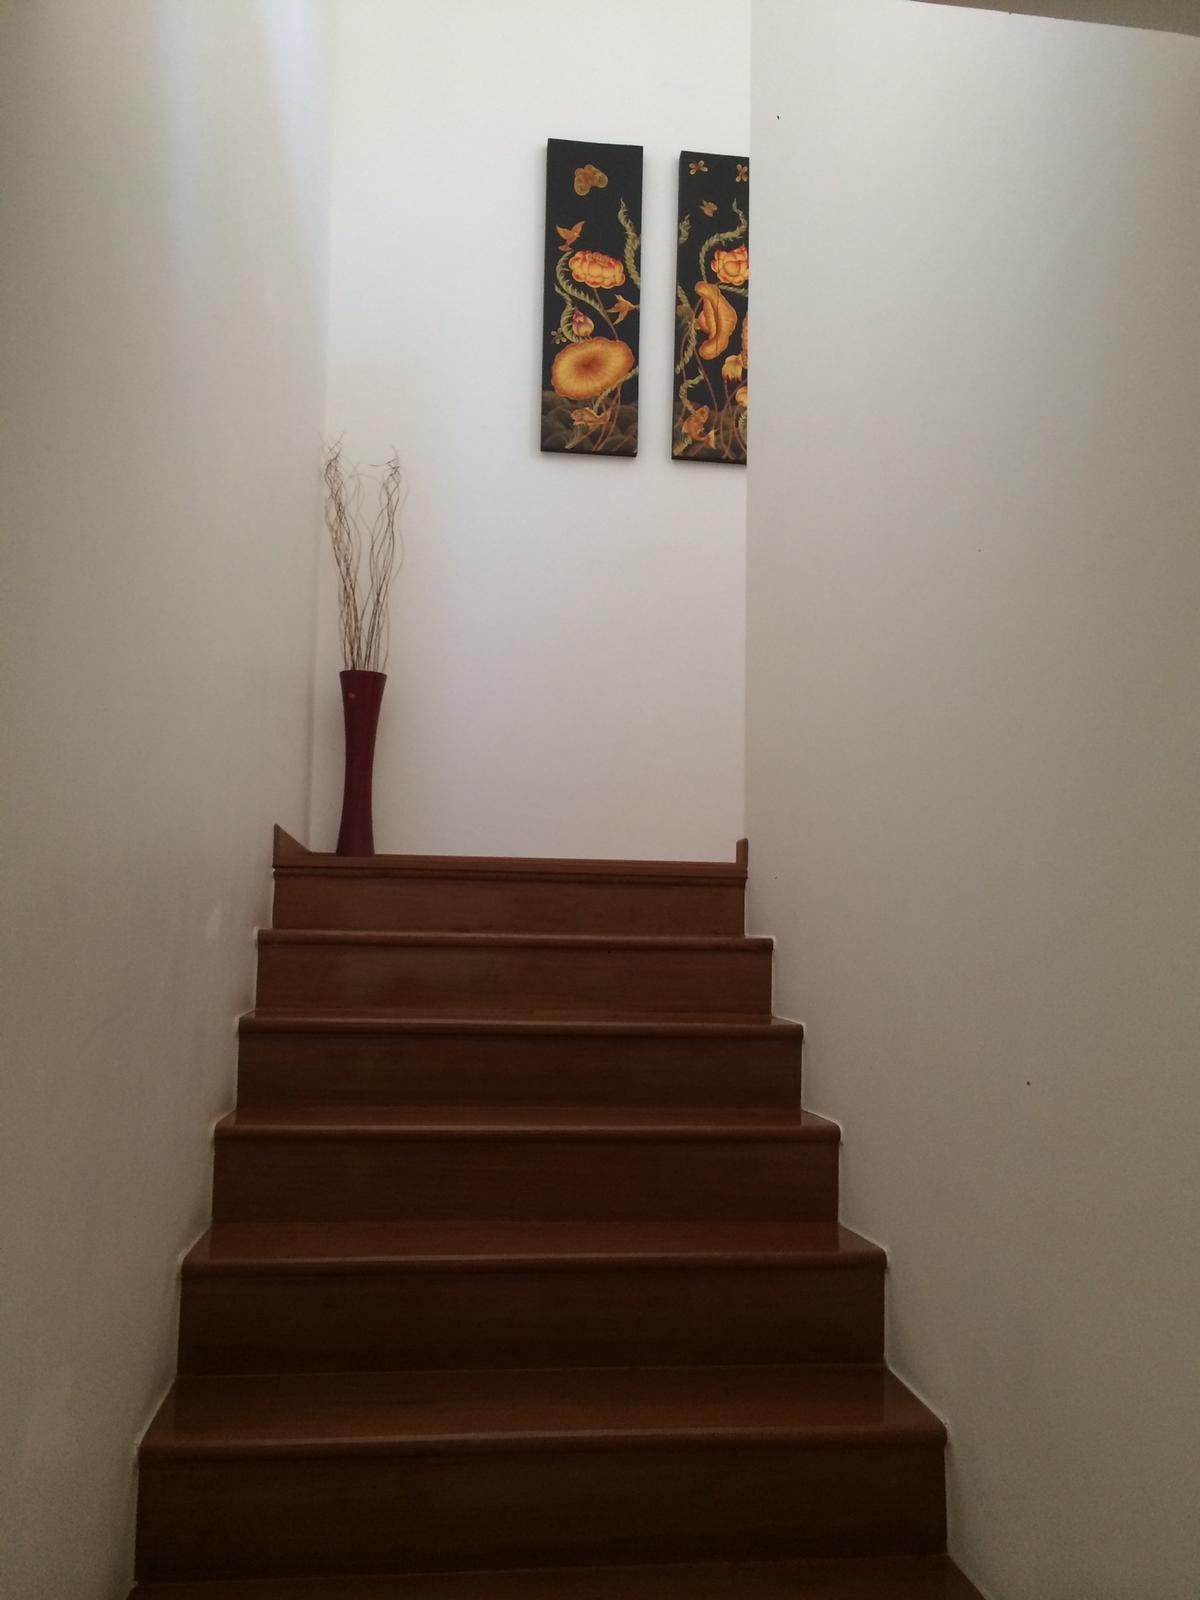 The Residence, Bang Tao-64d0f53b-e4d1-4ce3-bca4-b7e36f88f238.jpg